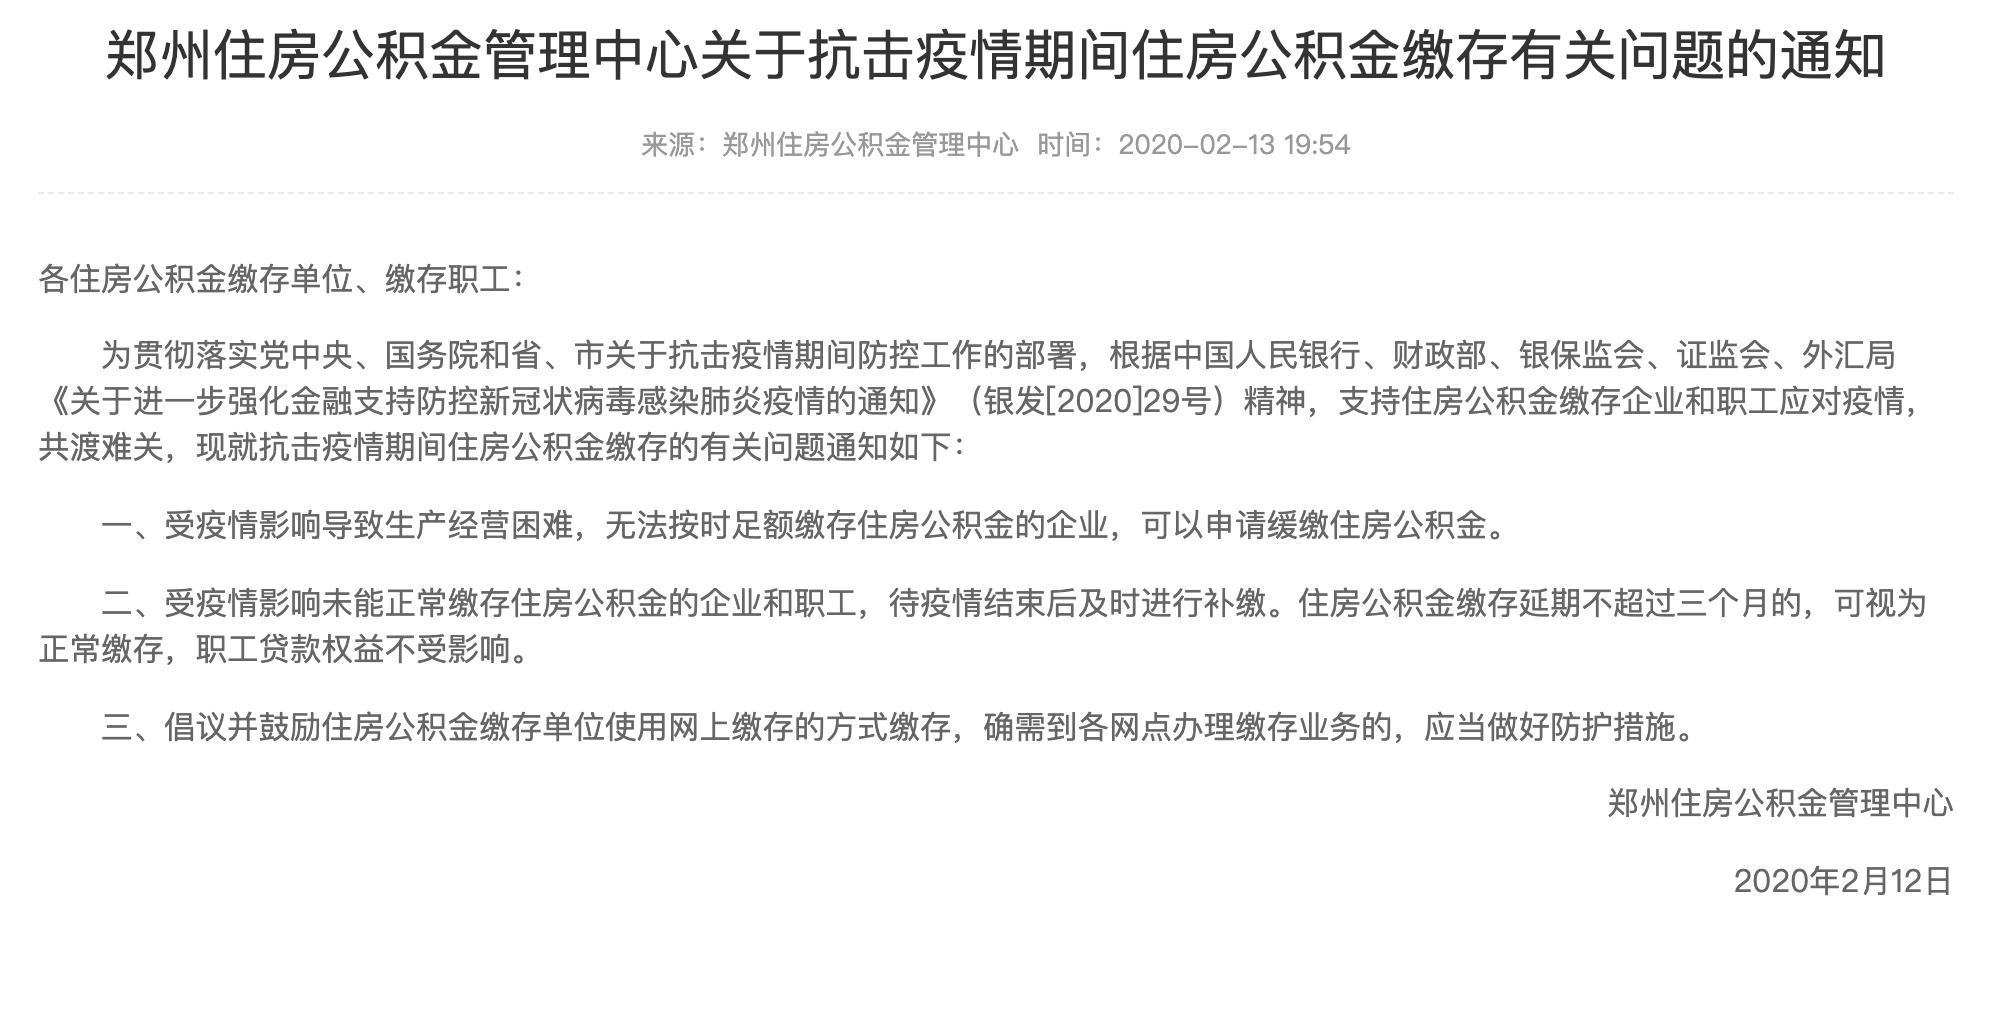 郑州:受疫情影响无法按时足额缴存公积金的企业可申请缓缴